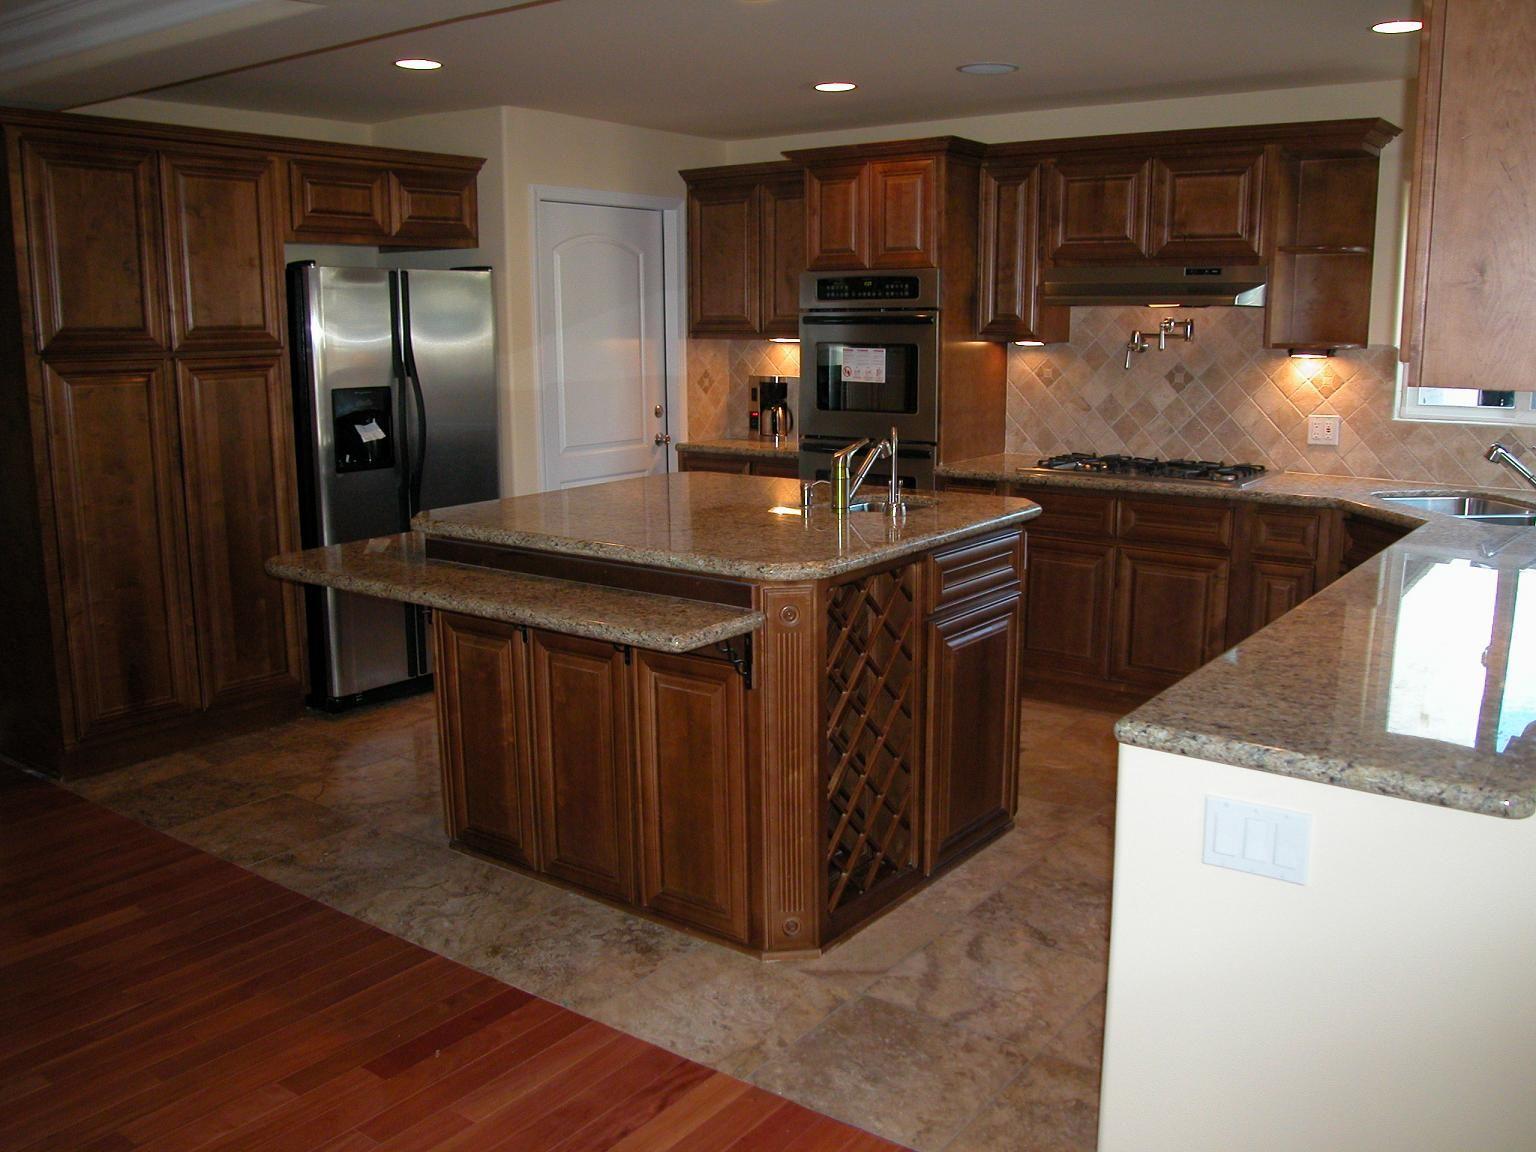 Center Island Kitchen Kitchen Center Islands Photo Gallery Of Ideas Variety Ideas For